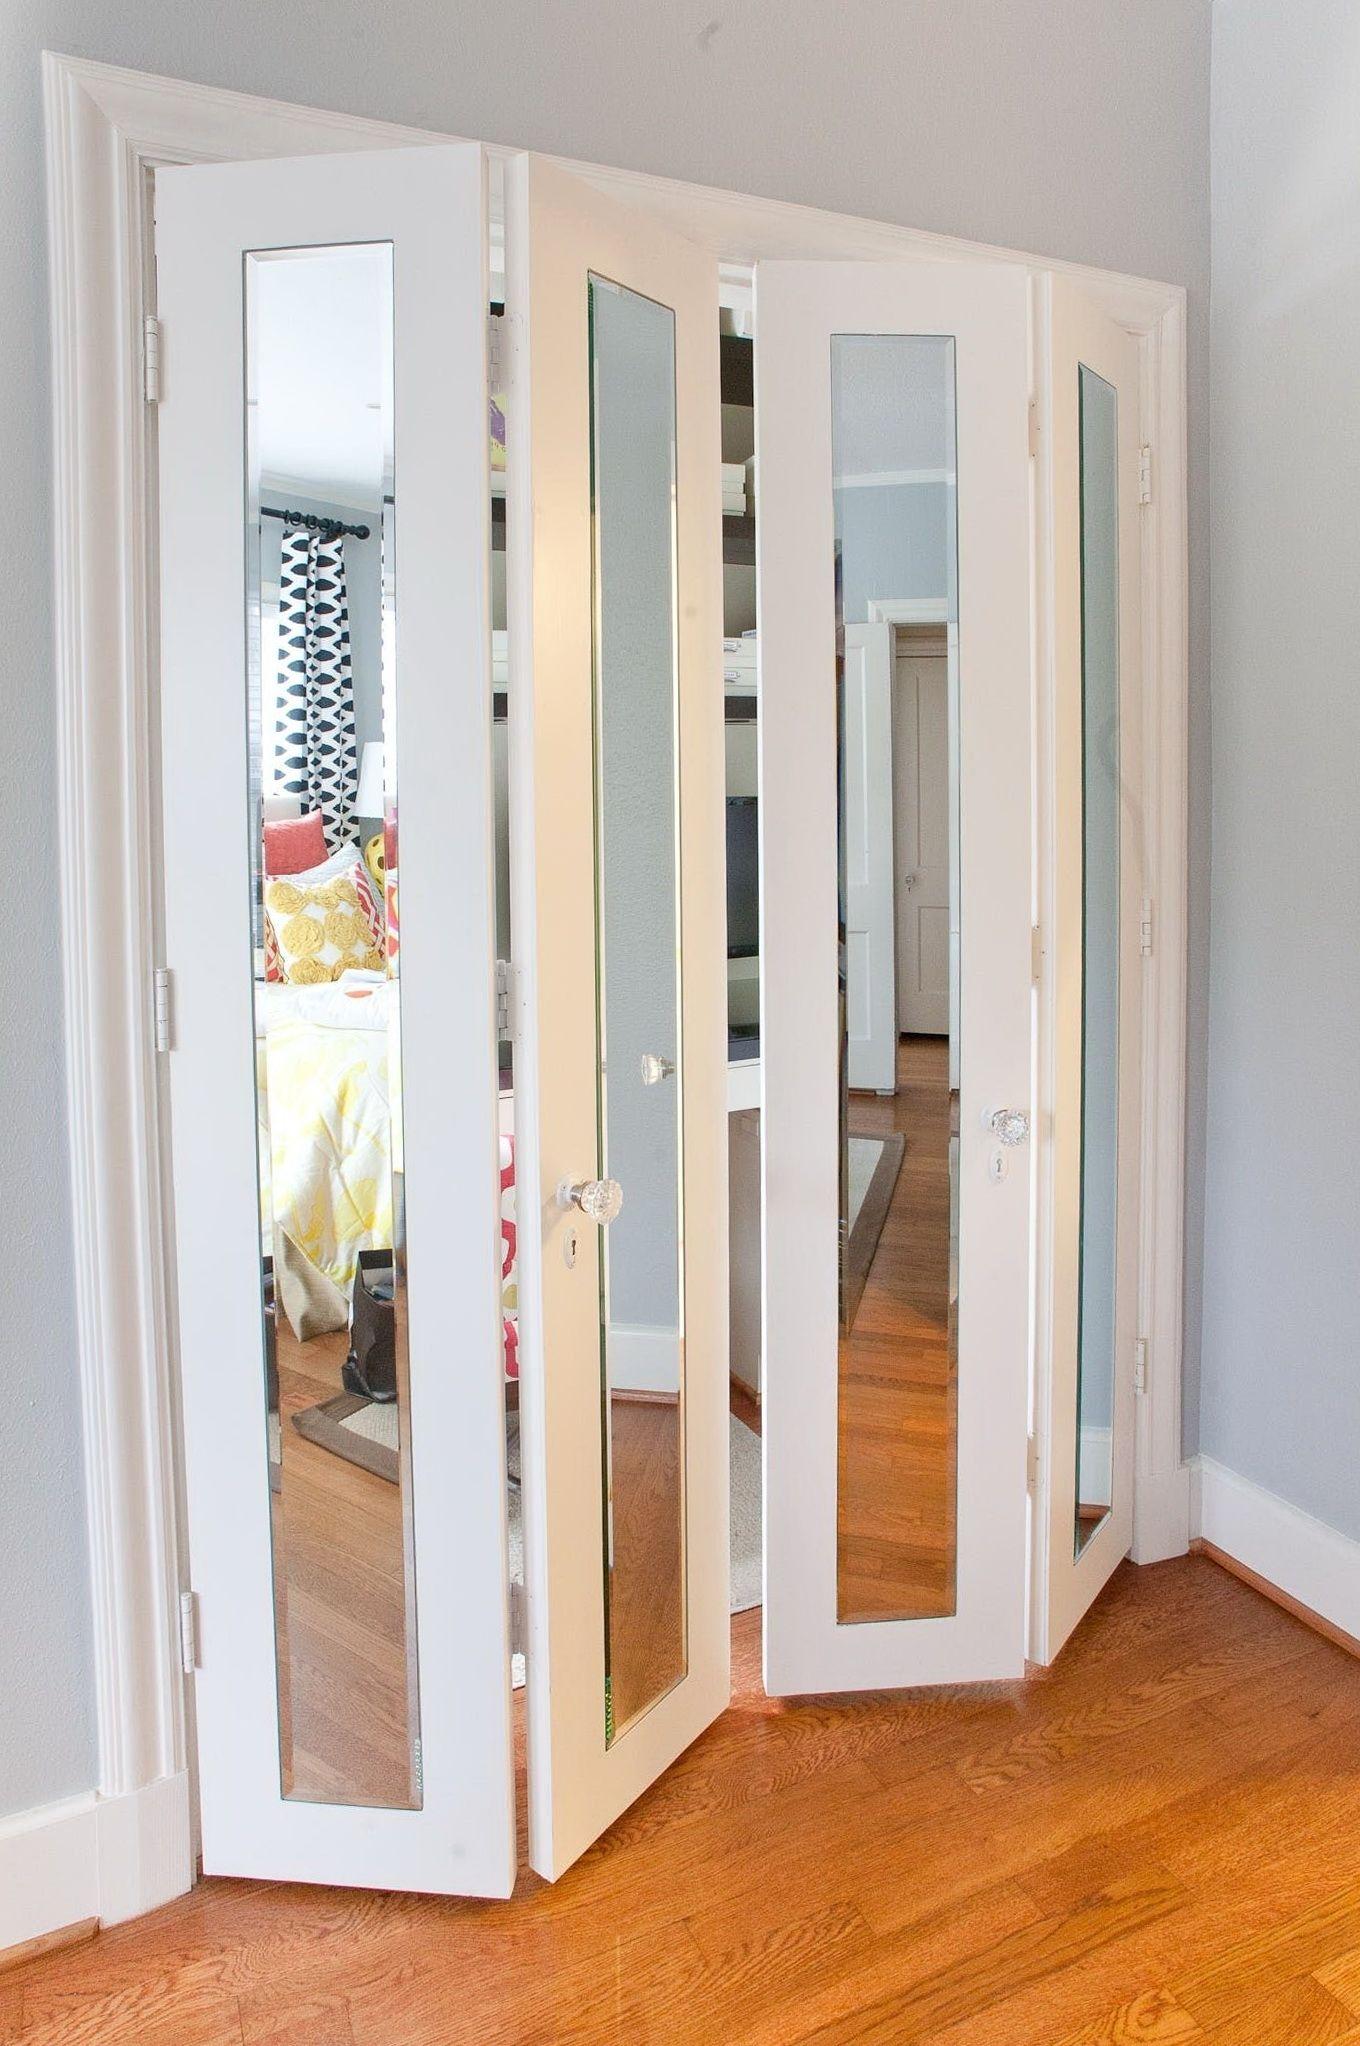 Custom Size Mirrored Closet Doors Httpsourceabl Pinterest